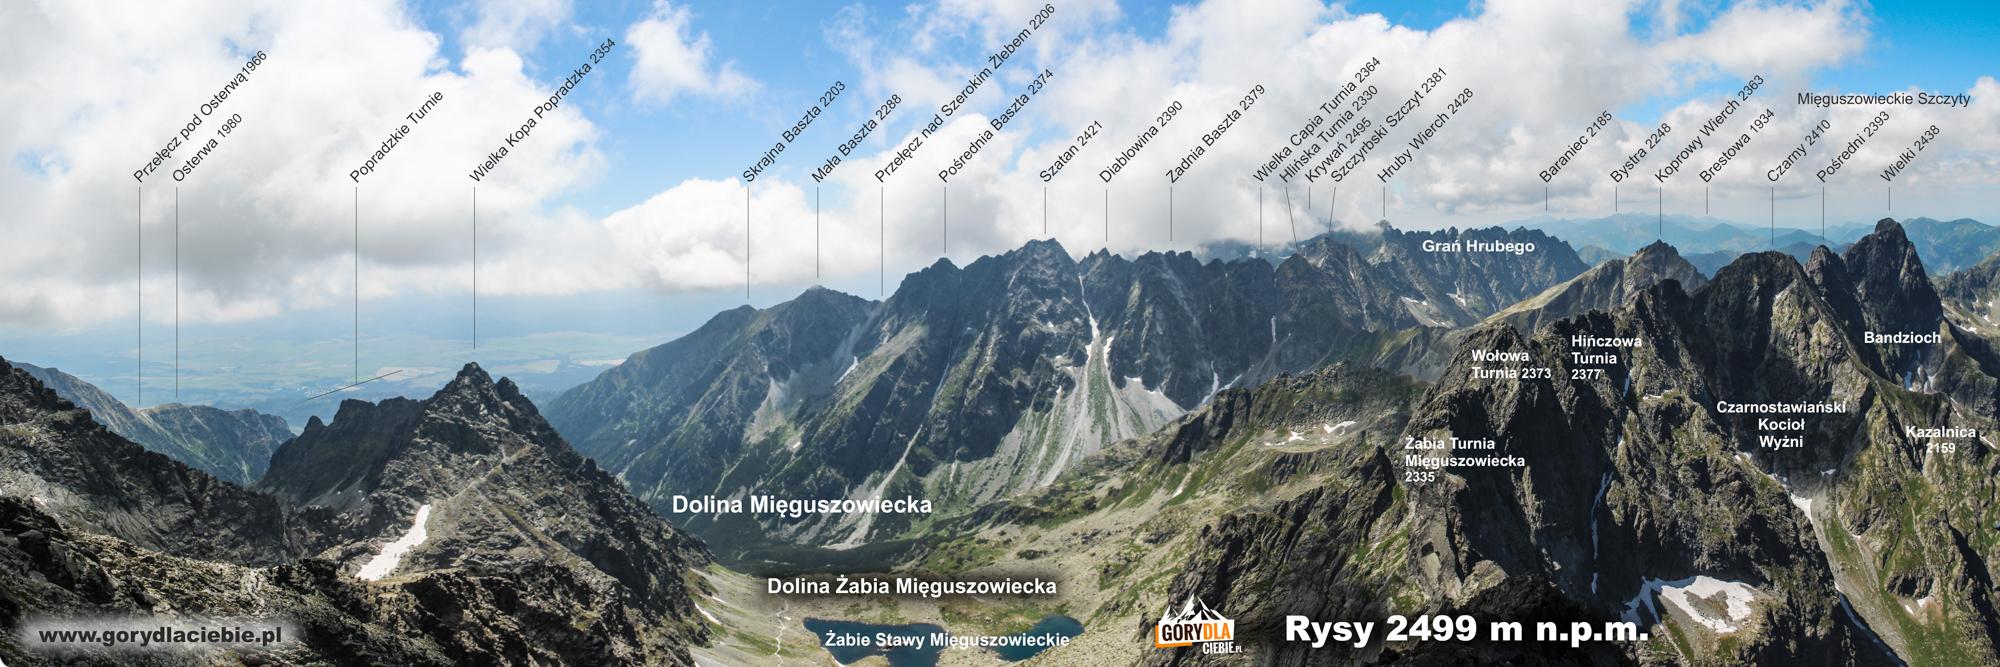 Panorama zeszczytu Rysów wkierunku południowym